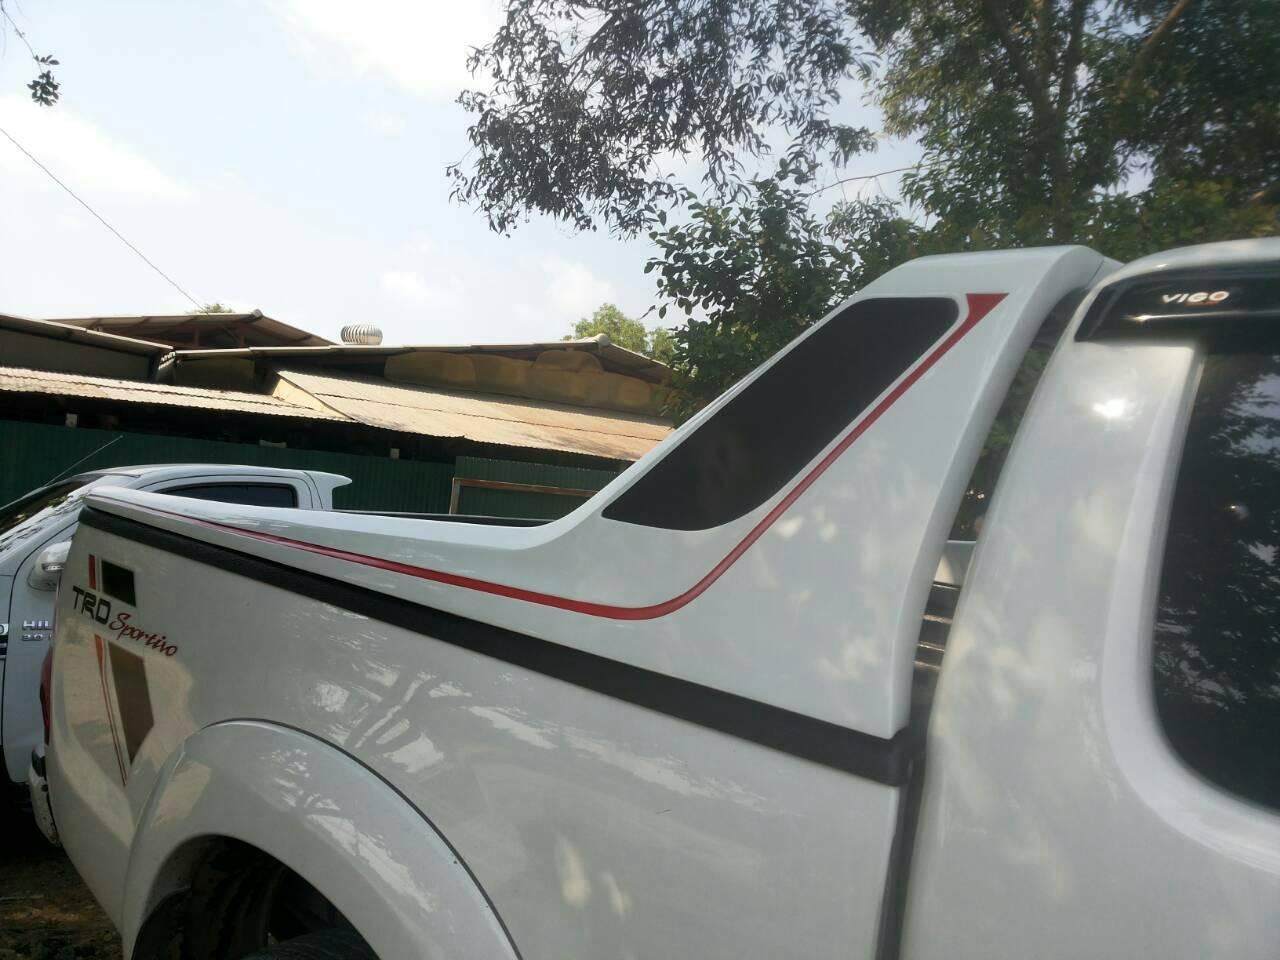 โรลบาร์ Vigo Cab